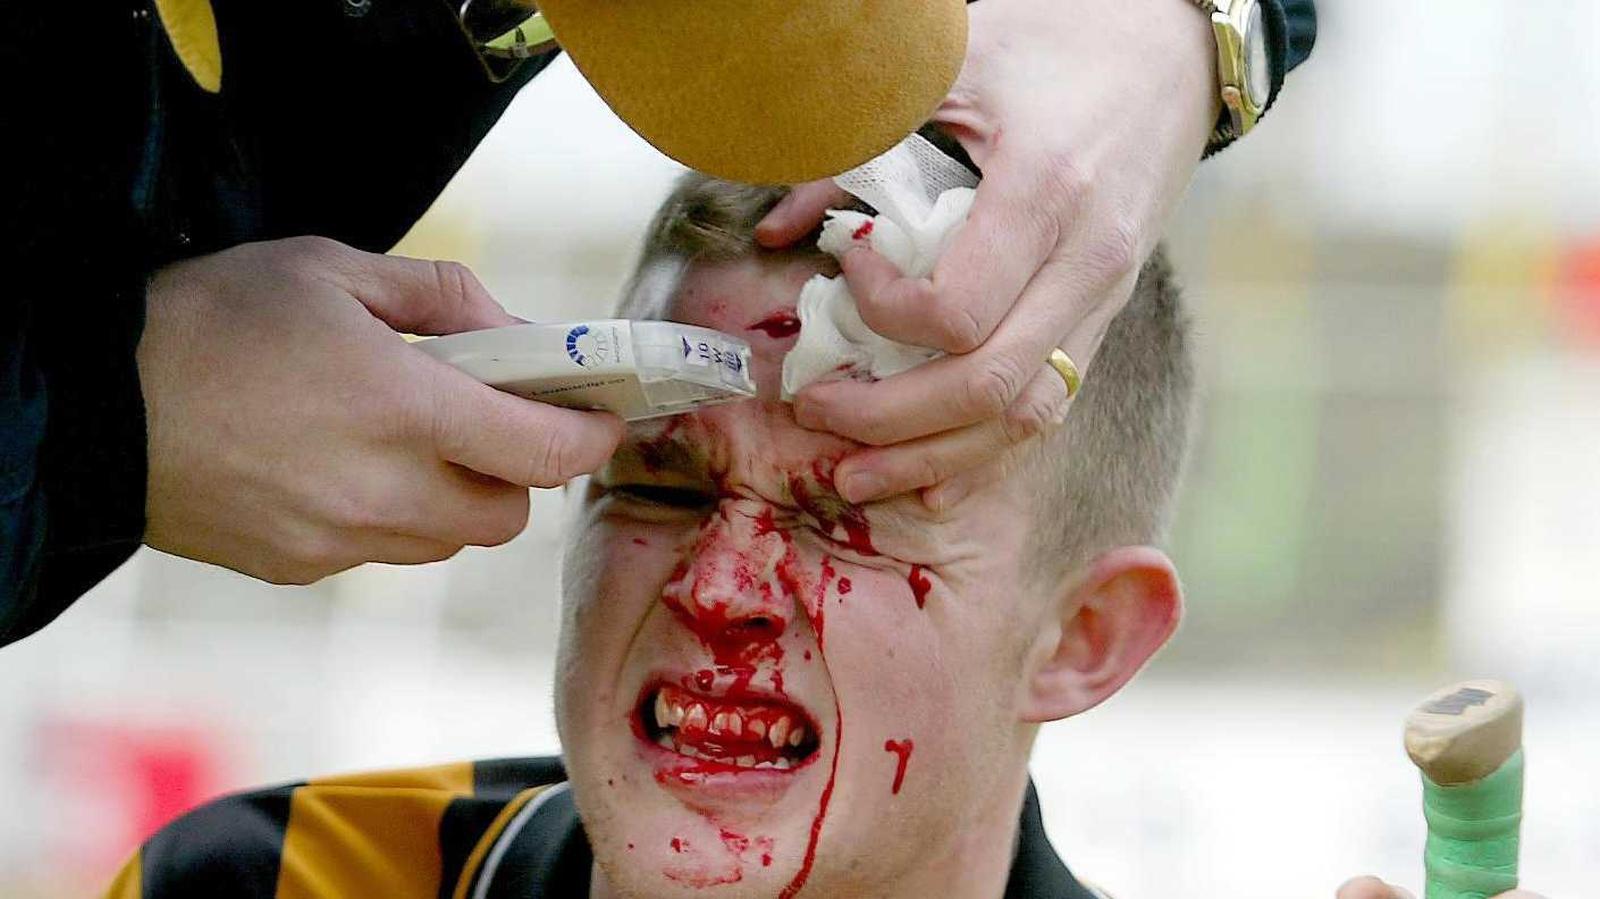 Image - Kilkenny hurler Tommy Walsh gets stapled up